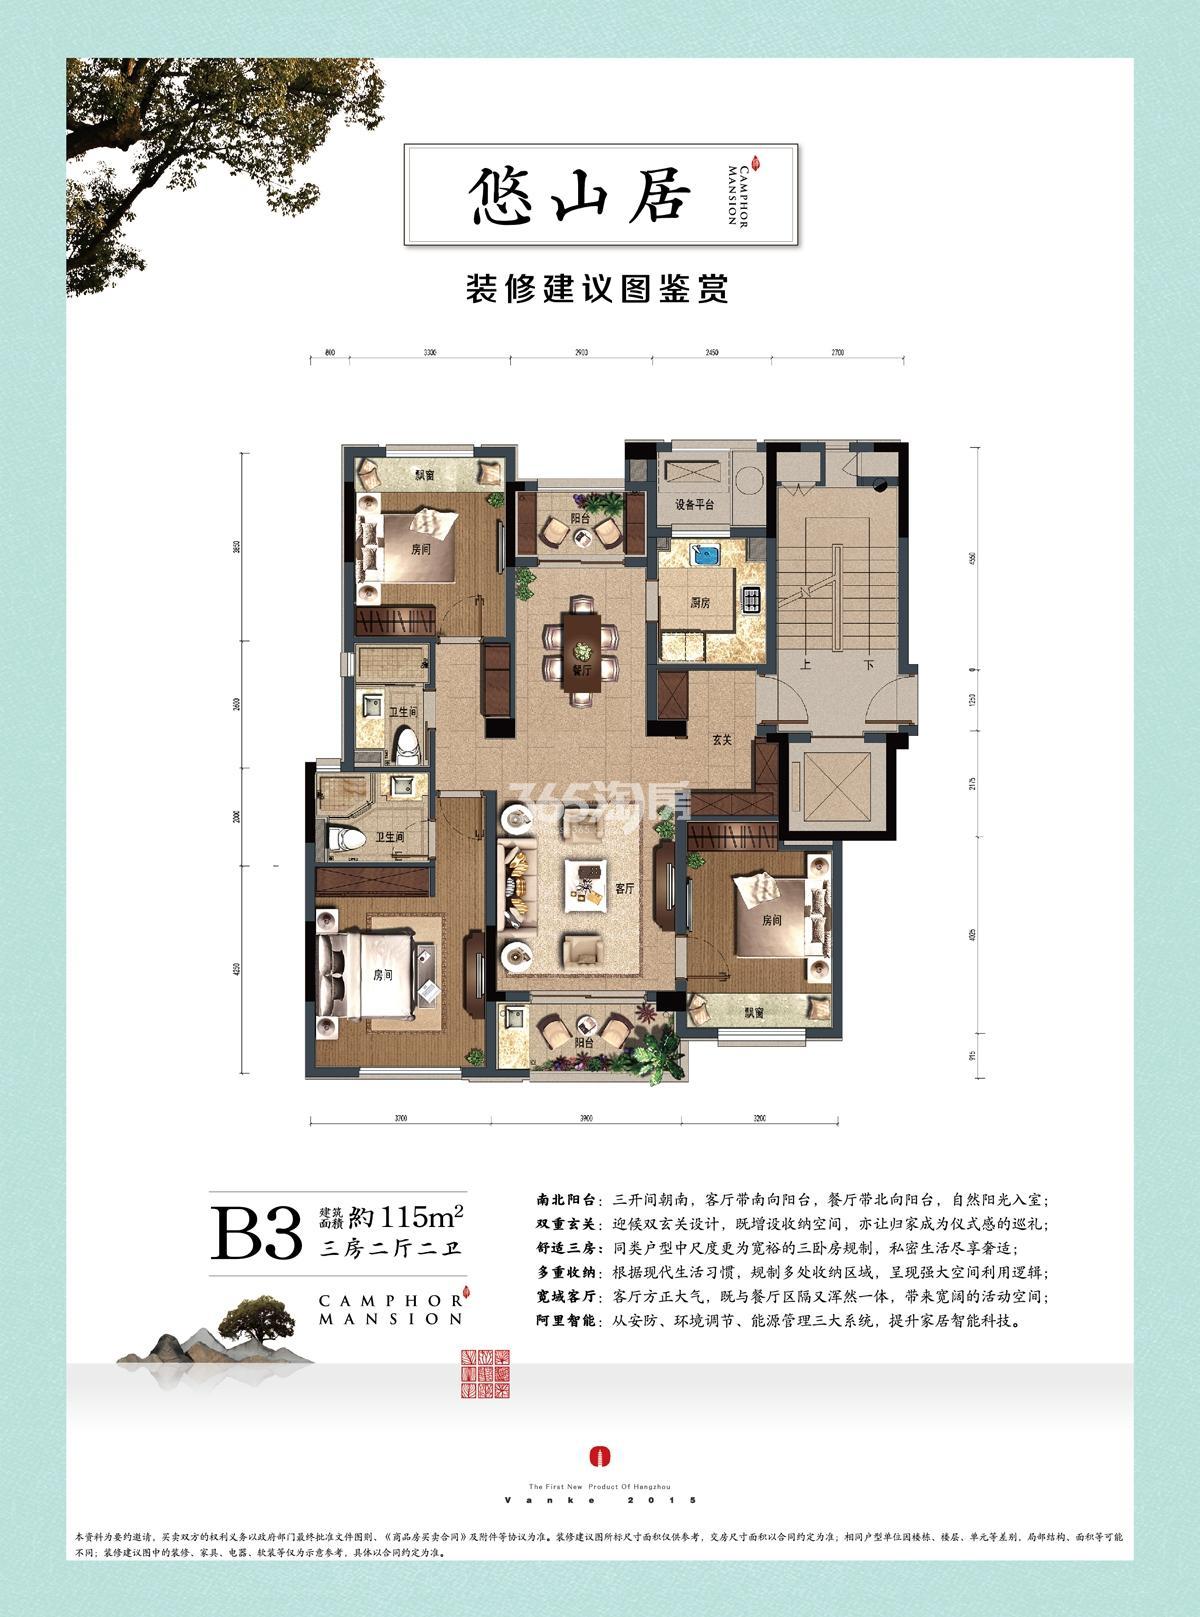 玉泉二期香樟洋房B3户型115方户型图